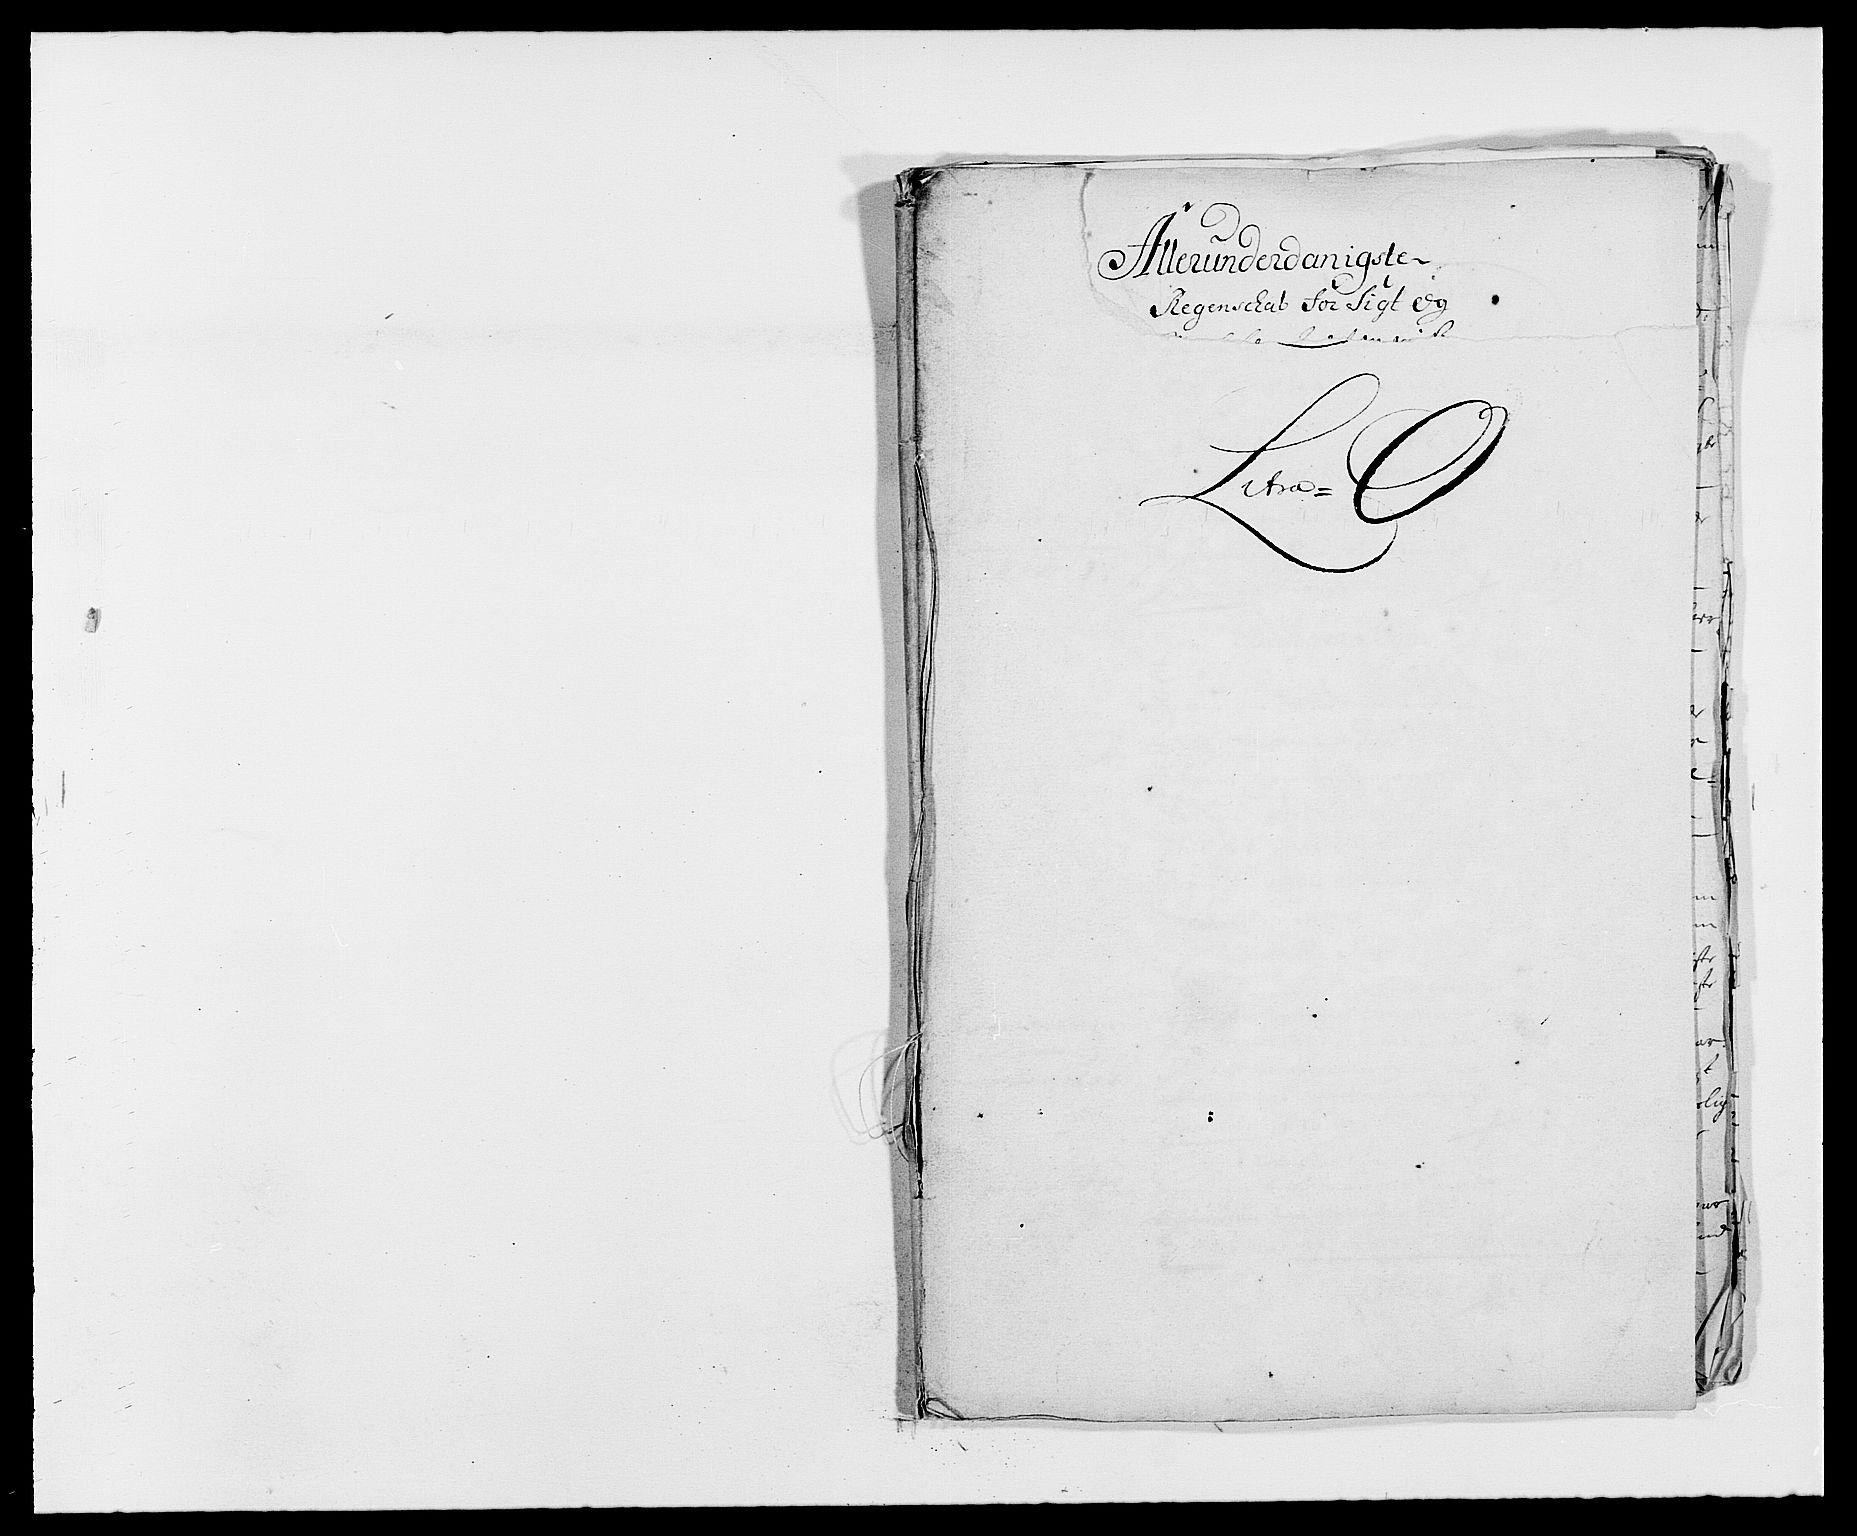 RA, Rentekammeret inntil 1814, Reviderte regnskaper, Fogderegnskap, R34/L2050: Fogderegnskap Bamble, 1688-1691, s. 244